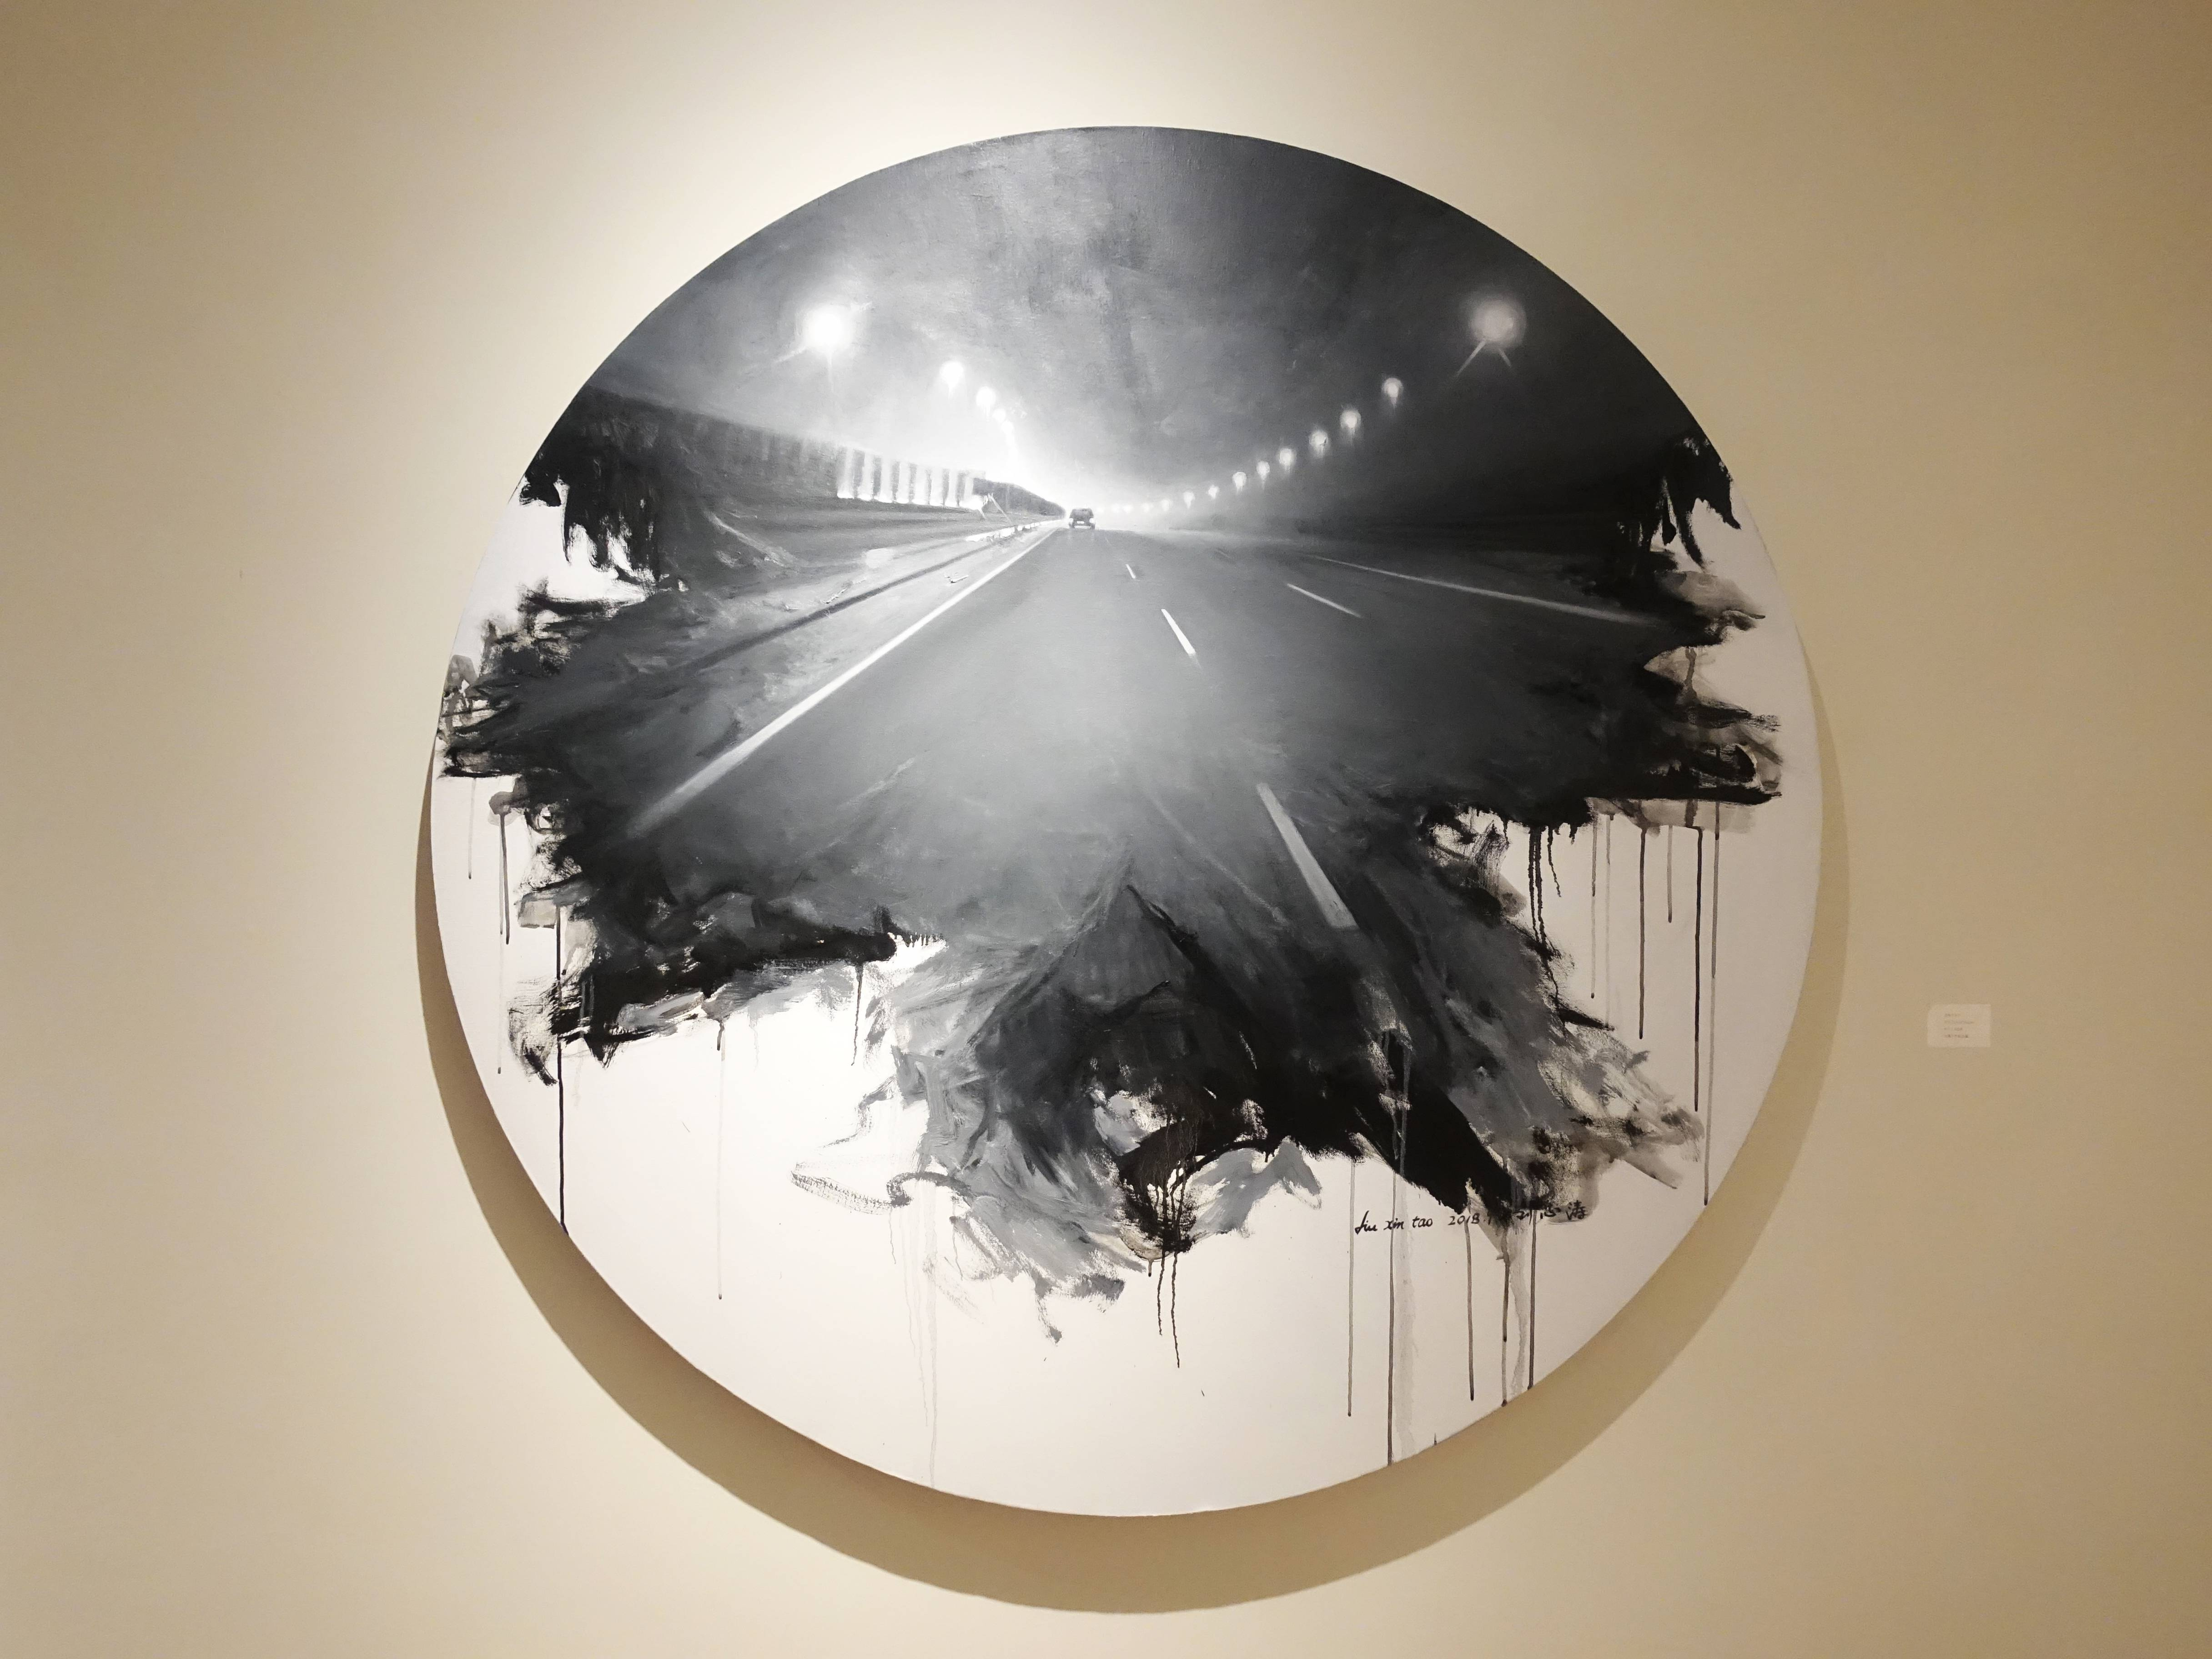 劉芯濤,《夜行》,150 x 150 cm,布面油畫,2018。